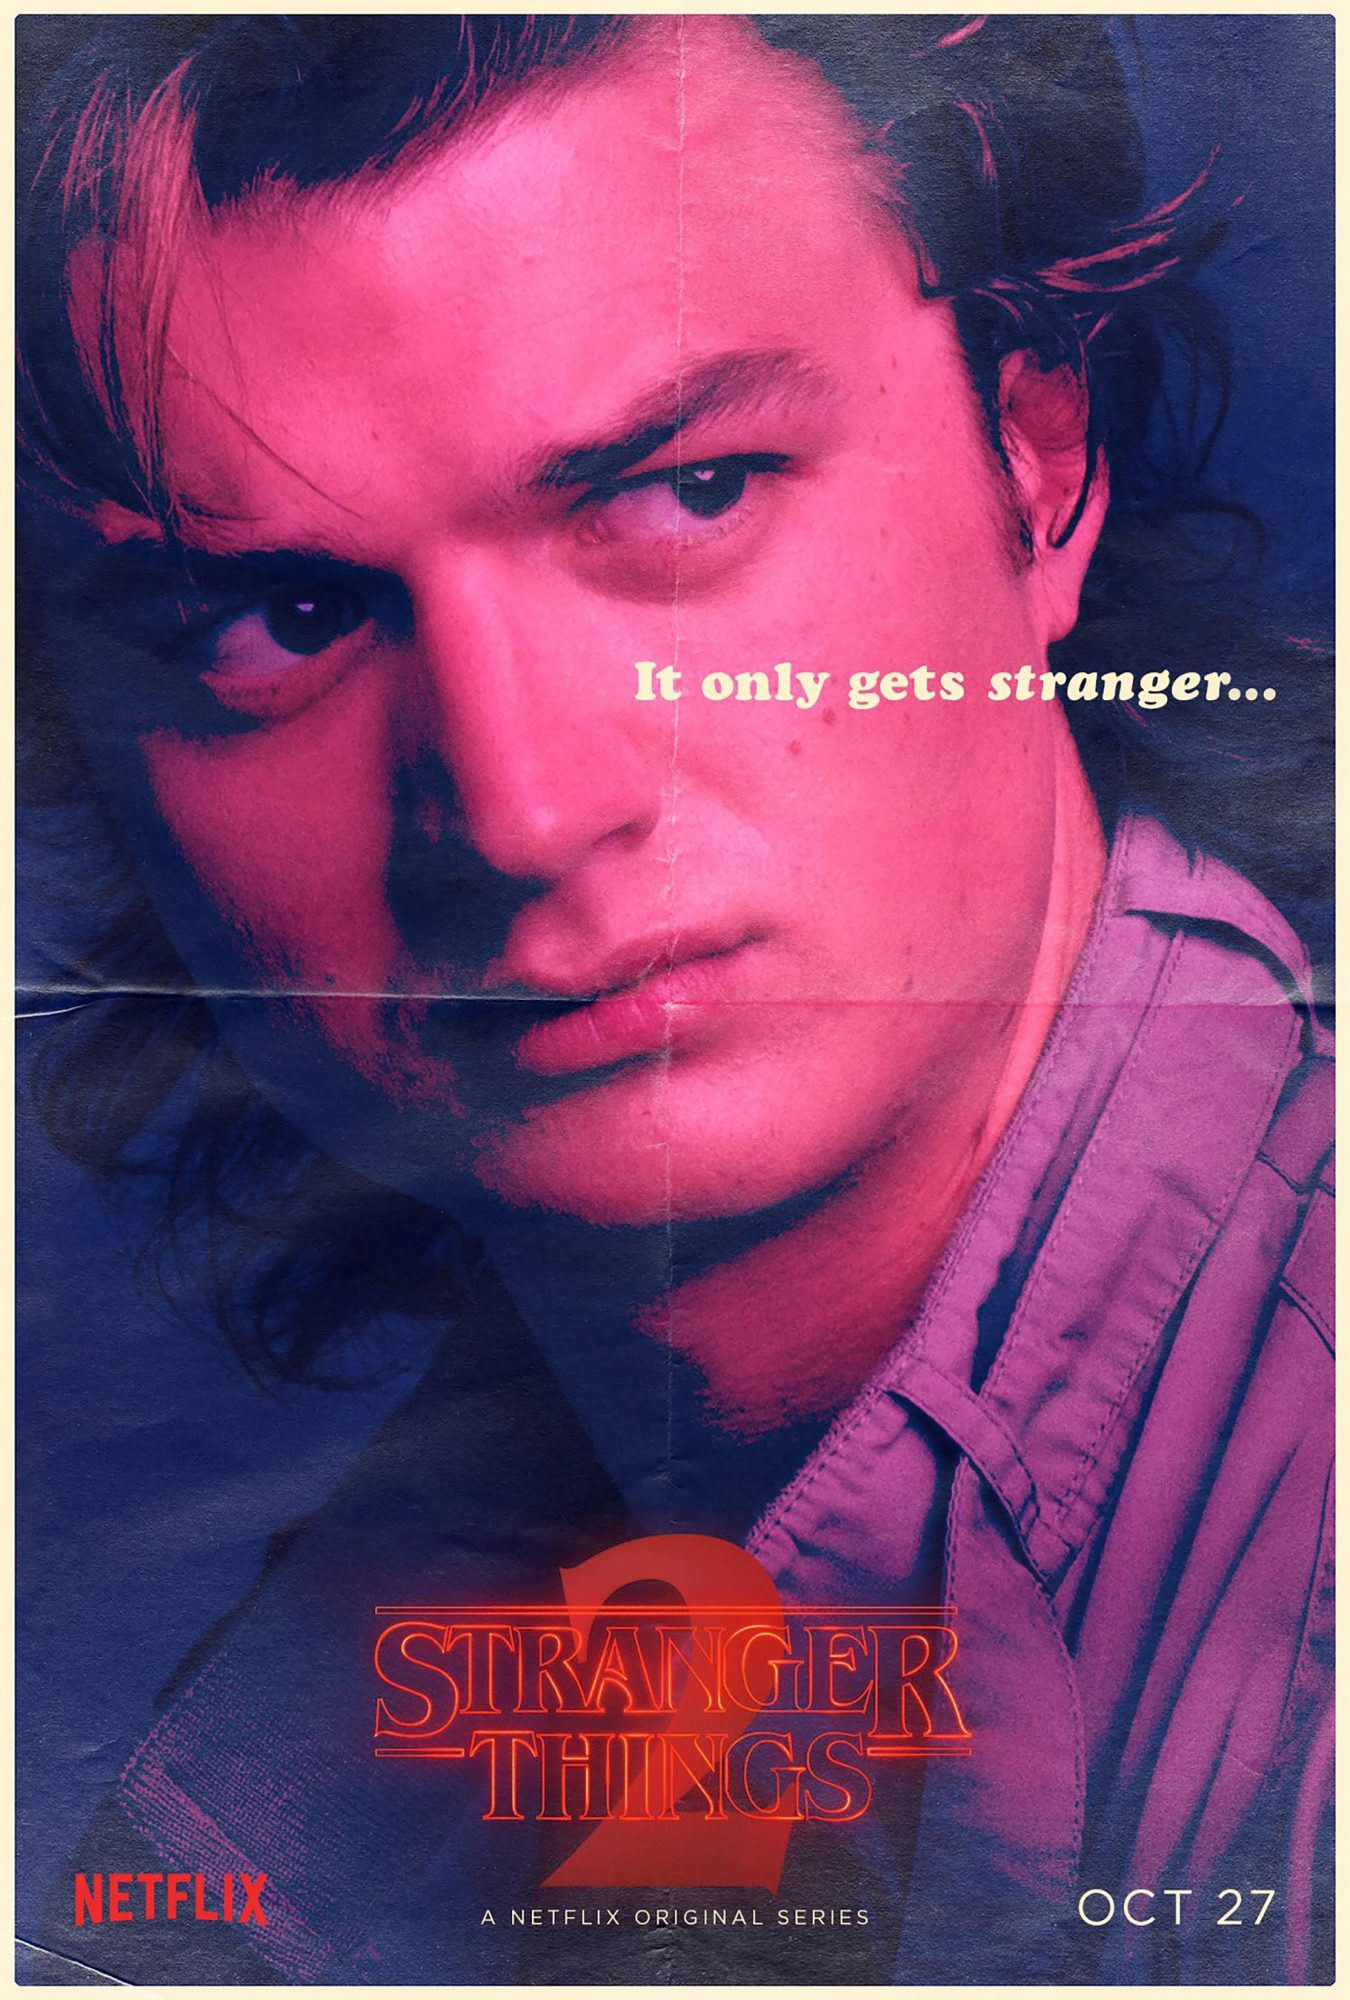 Stranger Things Season 2 - Joe Keery CR: Netflix